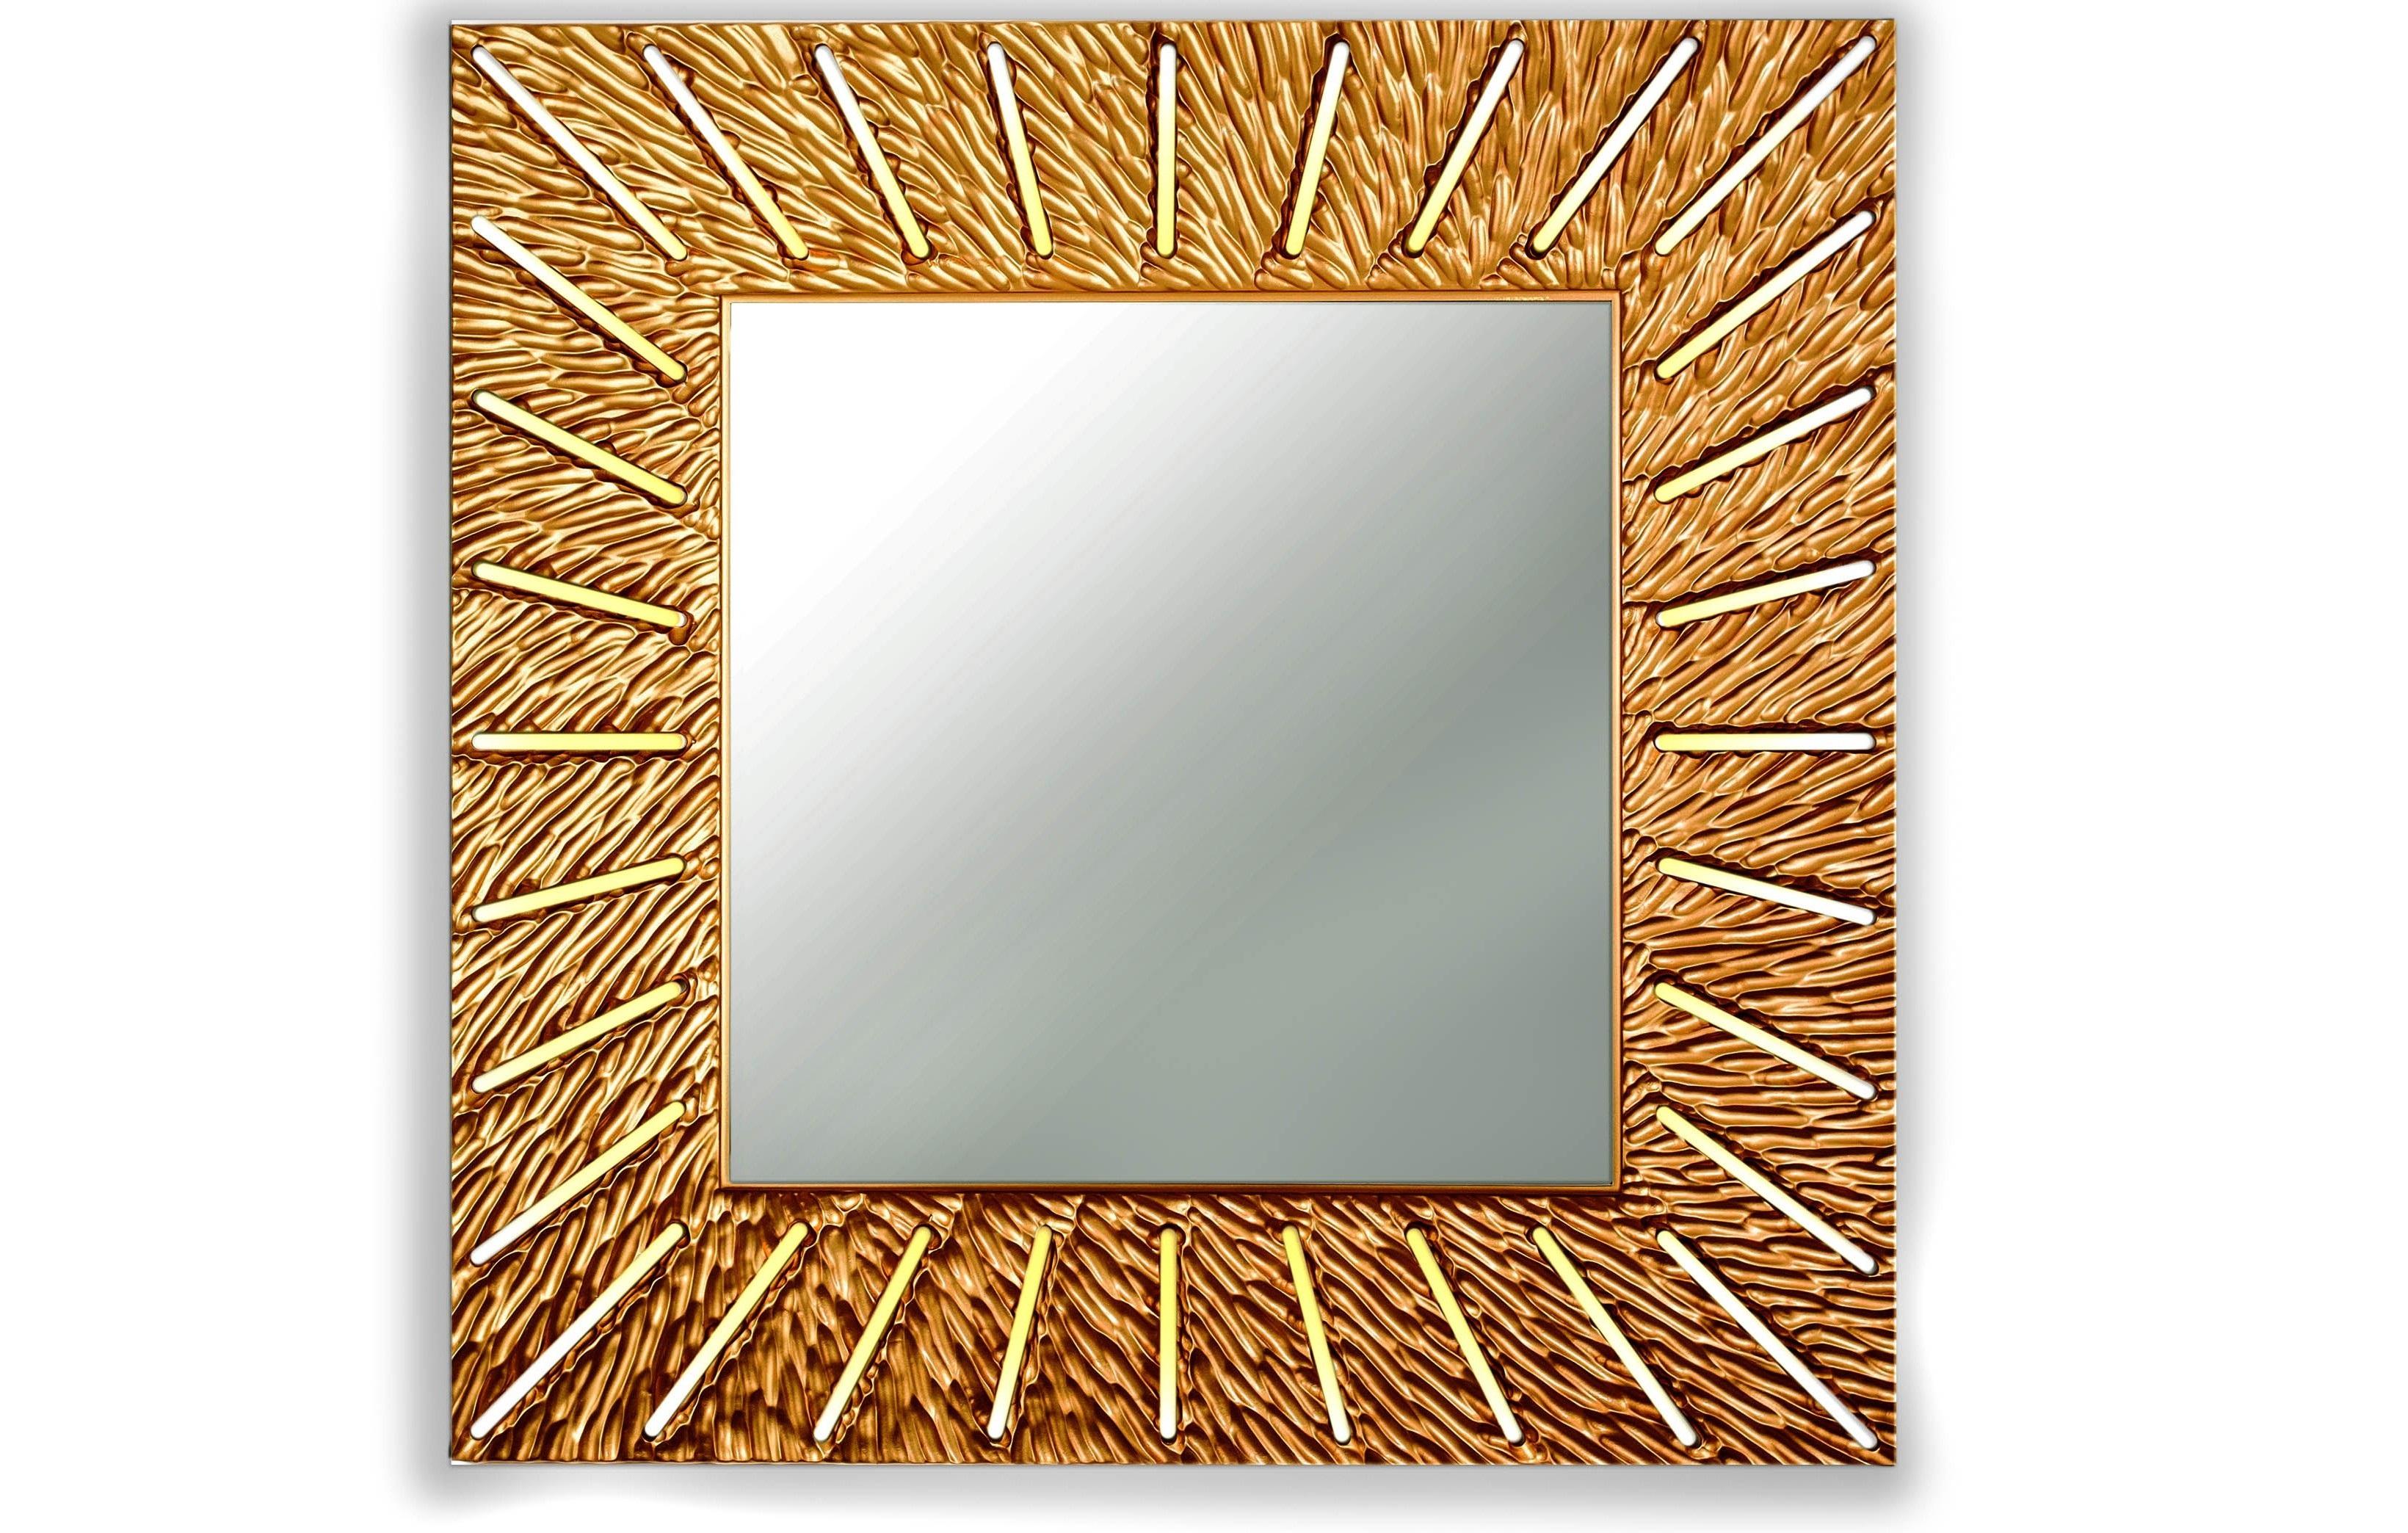 Зеркало SUNSHINEНастенные зеркала<br>С лучами солнца в дом приходят радость и веселье. <br>Распахните жизнь им навстречу, чтобы каждый день приносил удачу. <br>Символ солнца и изобилия-коллекция зеркал Sunshine согреет и осветит ваш дом.&amp;amp;nbsp;<br><br>Material: Дерево<br>Width см: 90<br>Depth см: 0,8<br>Height см: 90